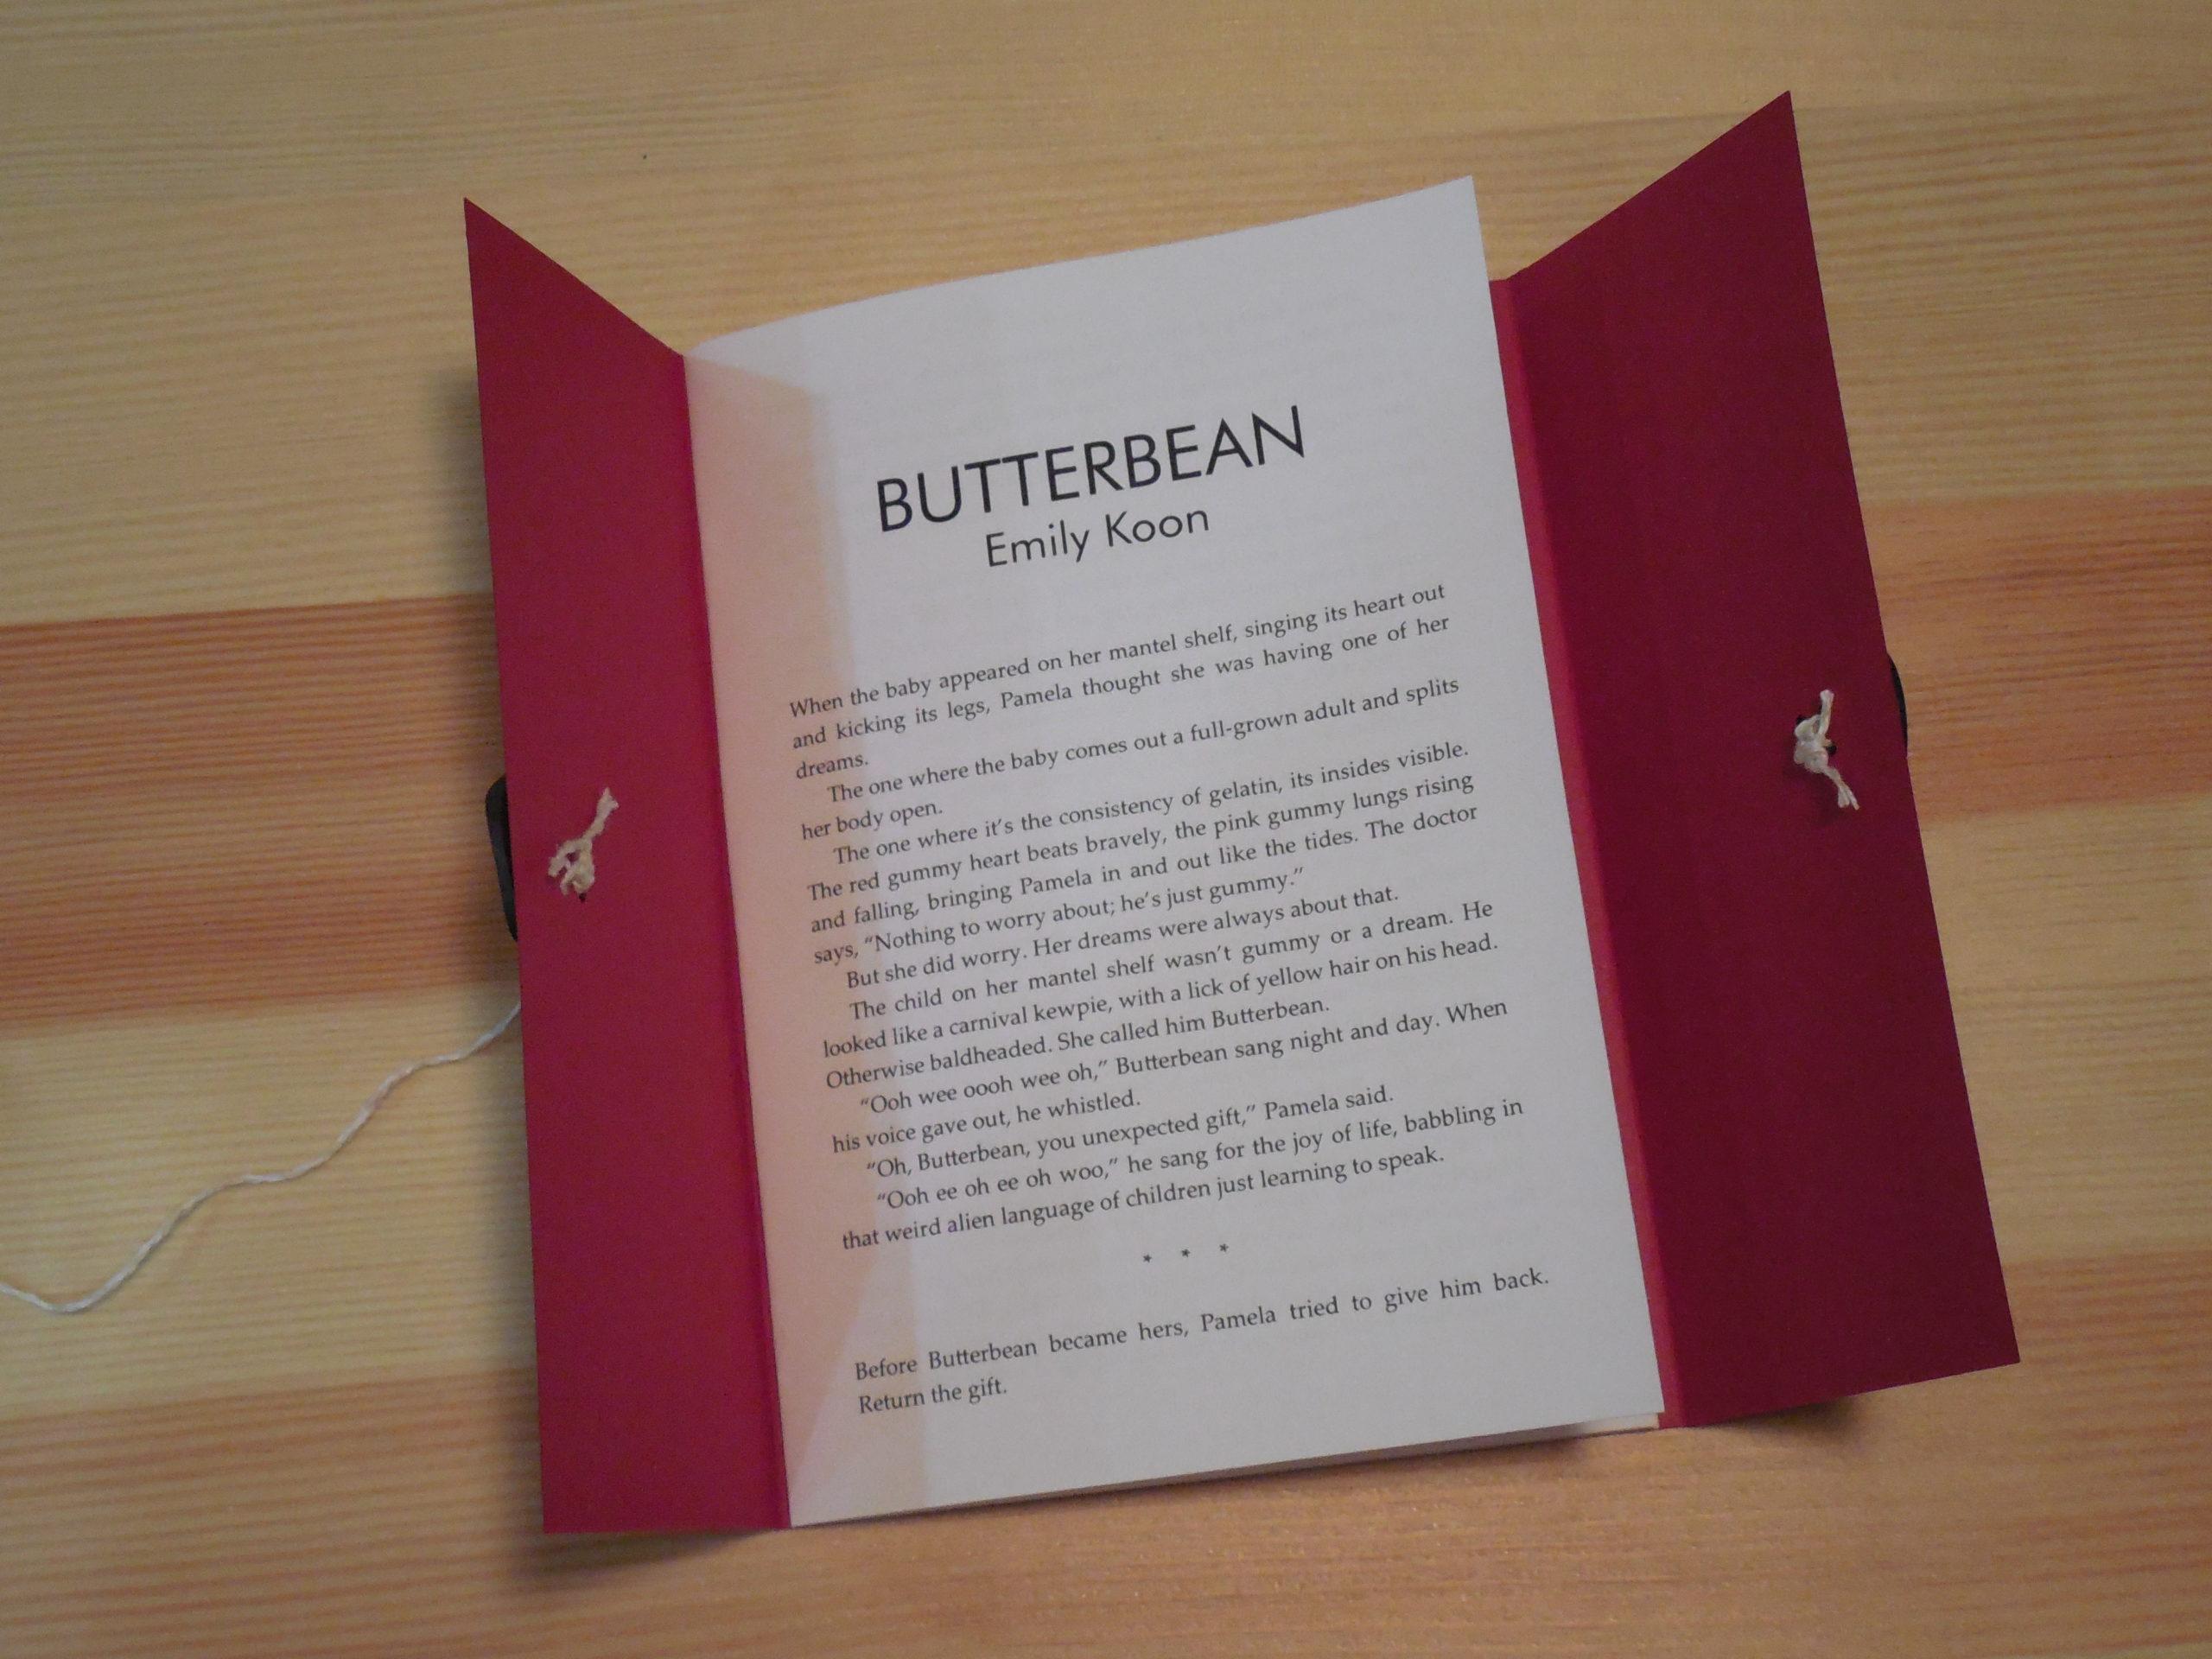 Butterbean CE 02